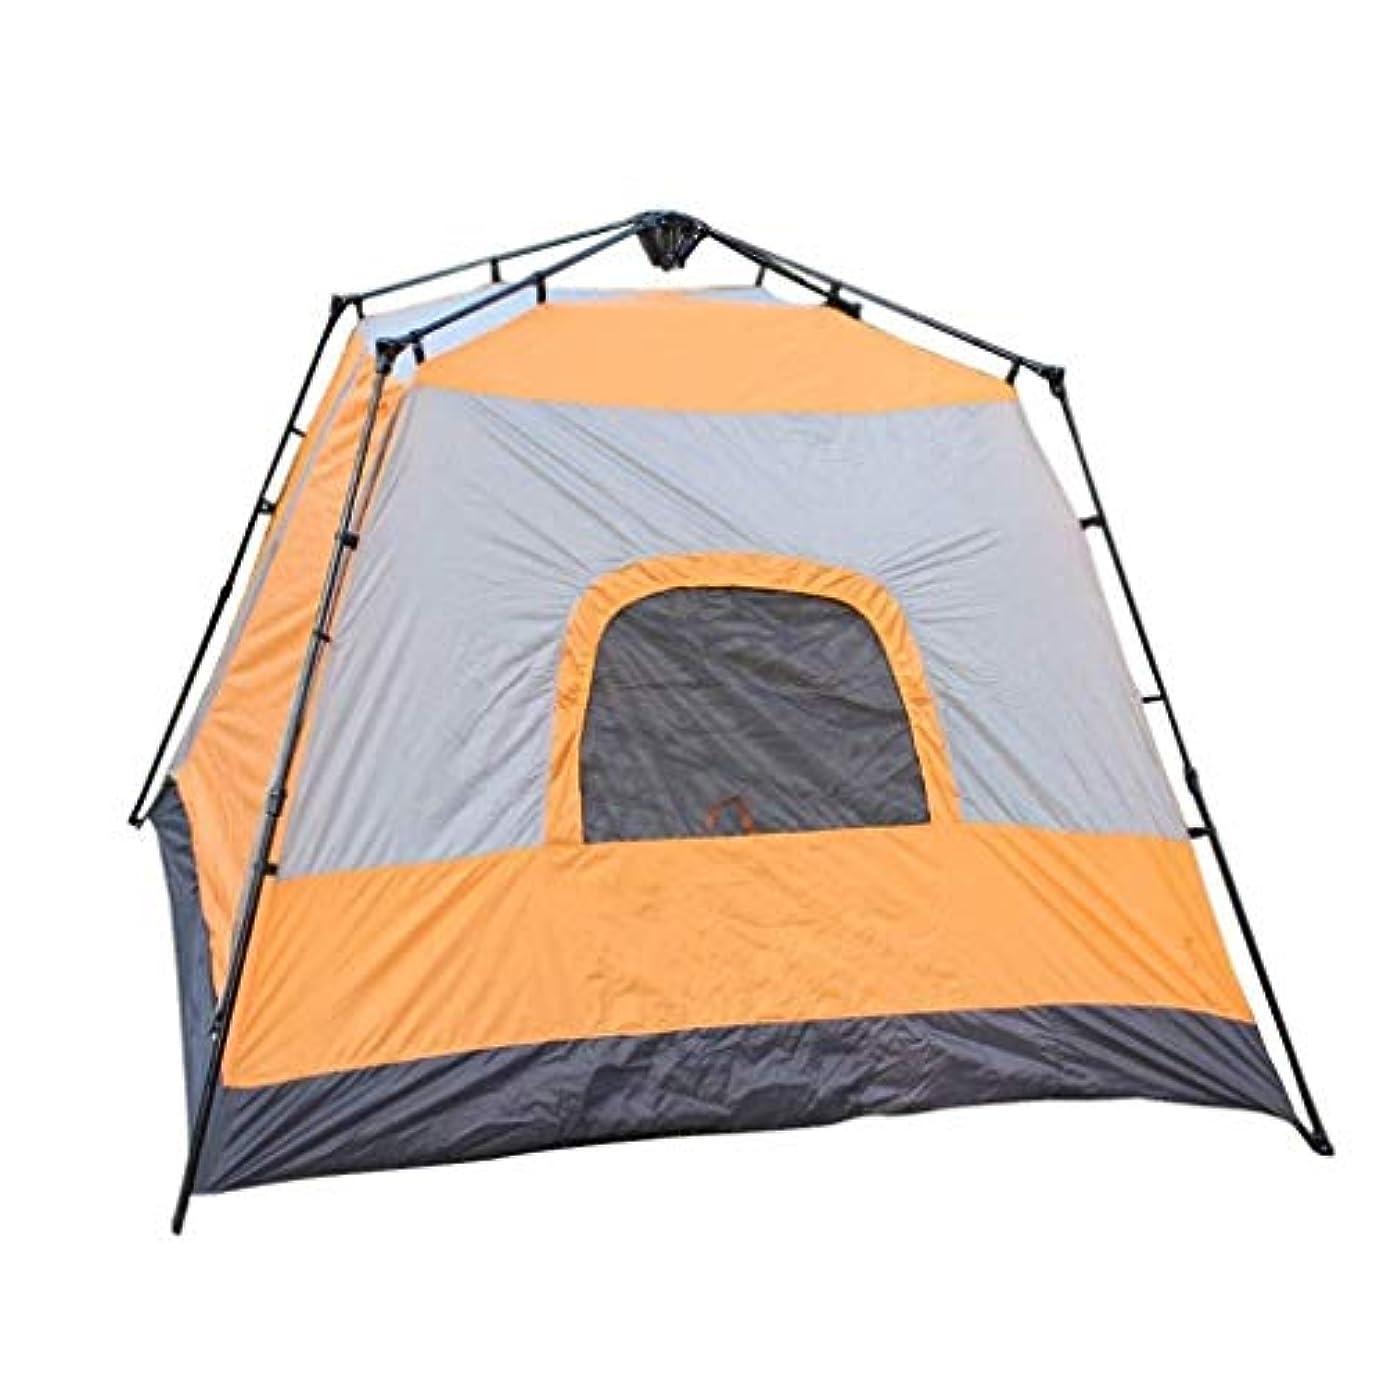 建築家あえて時代遅れ屋外テント防風雨よけ日焼け止めキャンプテント